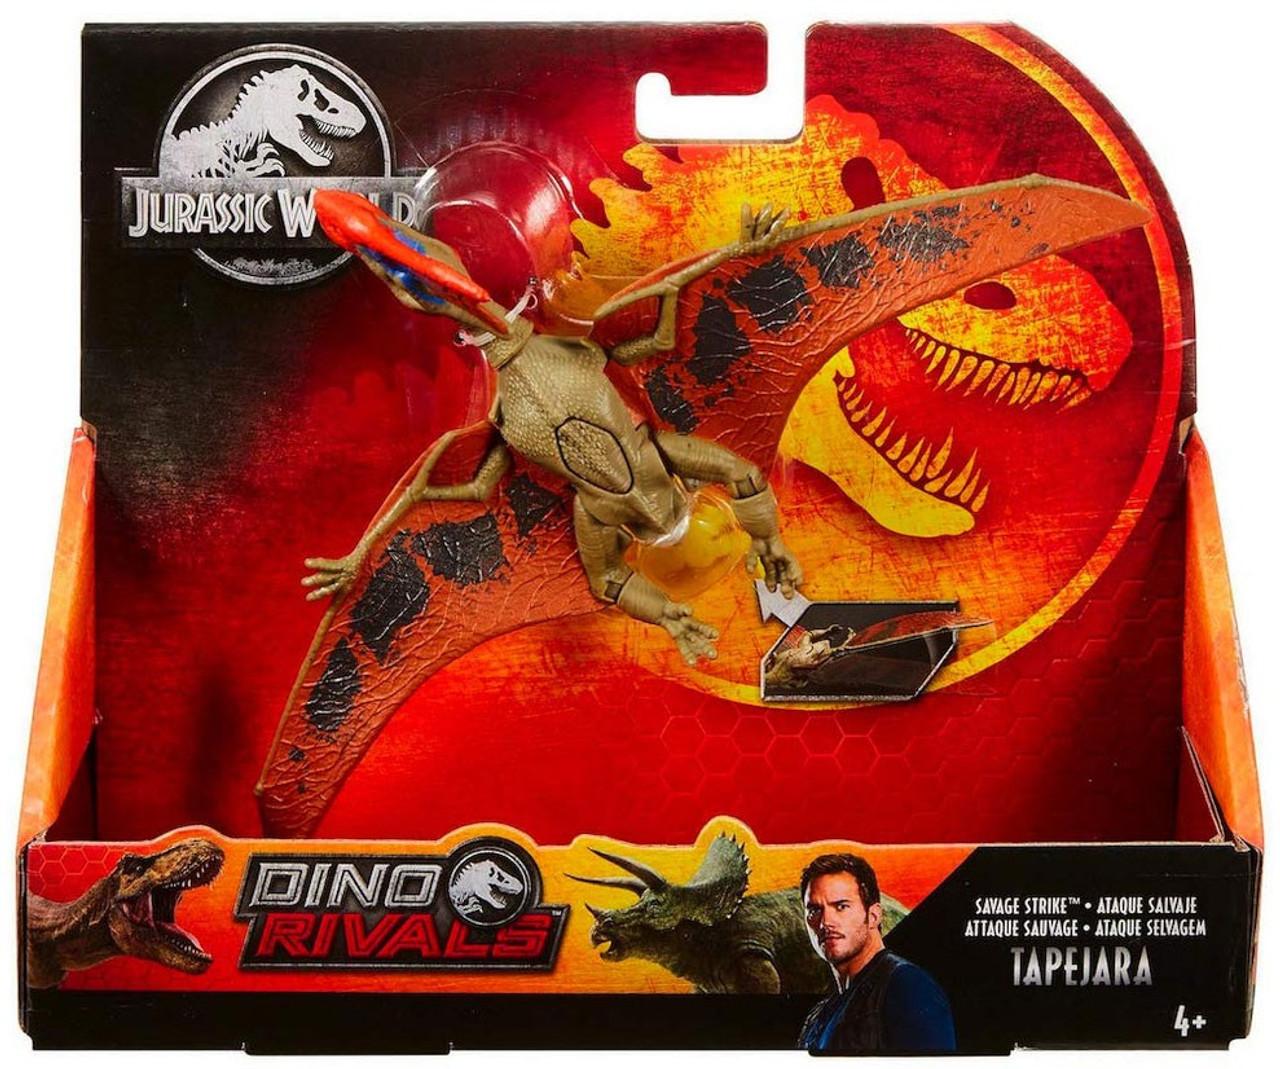 Jurassic World Fallen Kingdom Dino Rivals Tapejara Action ...